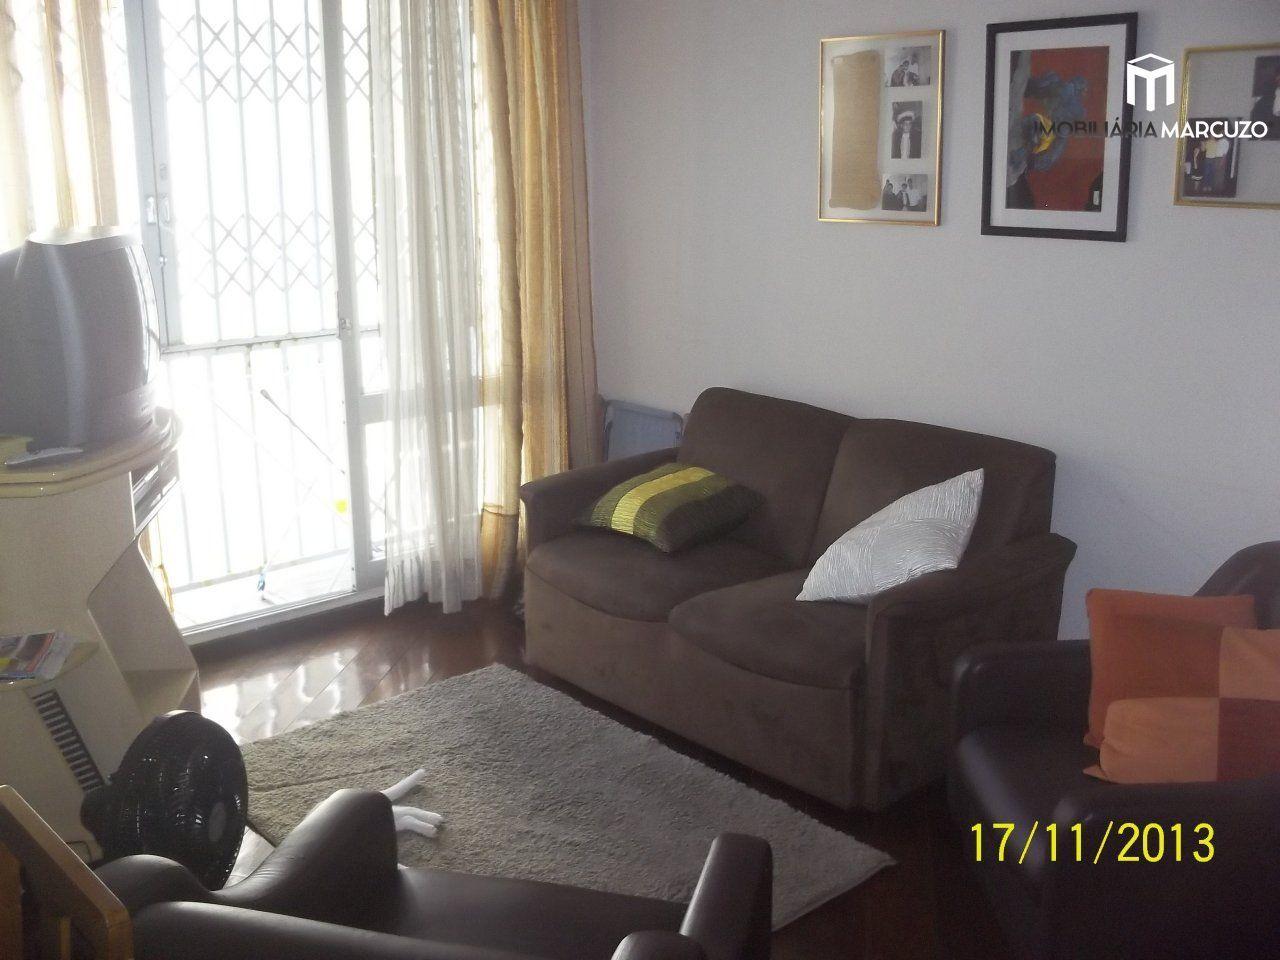 Apartamento com 2 Dormitórios à venda, 79 m² por R$ 270.000,00